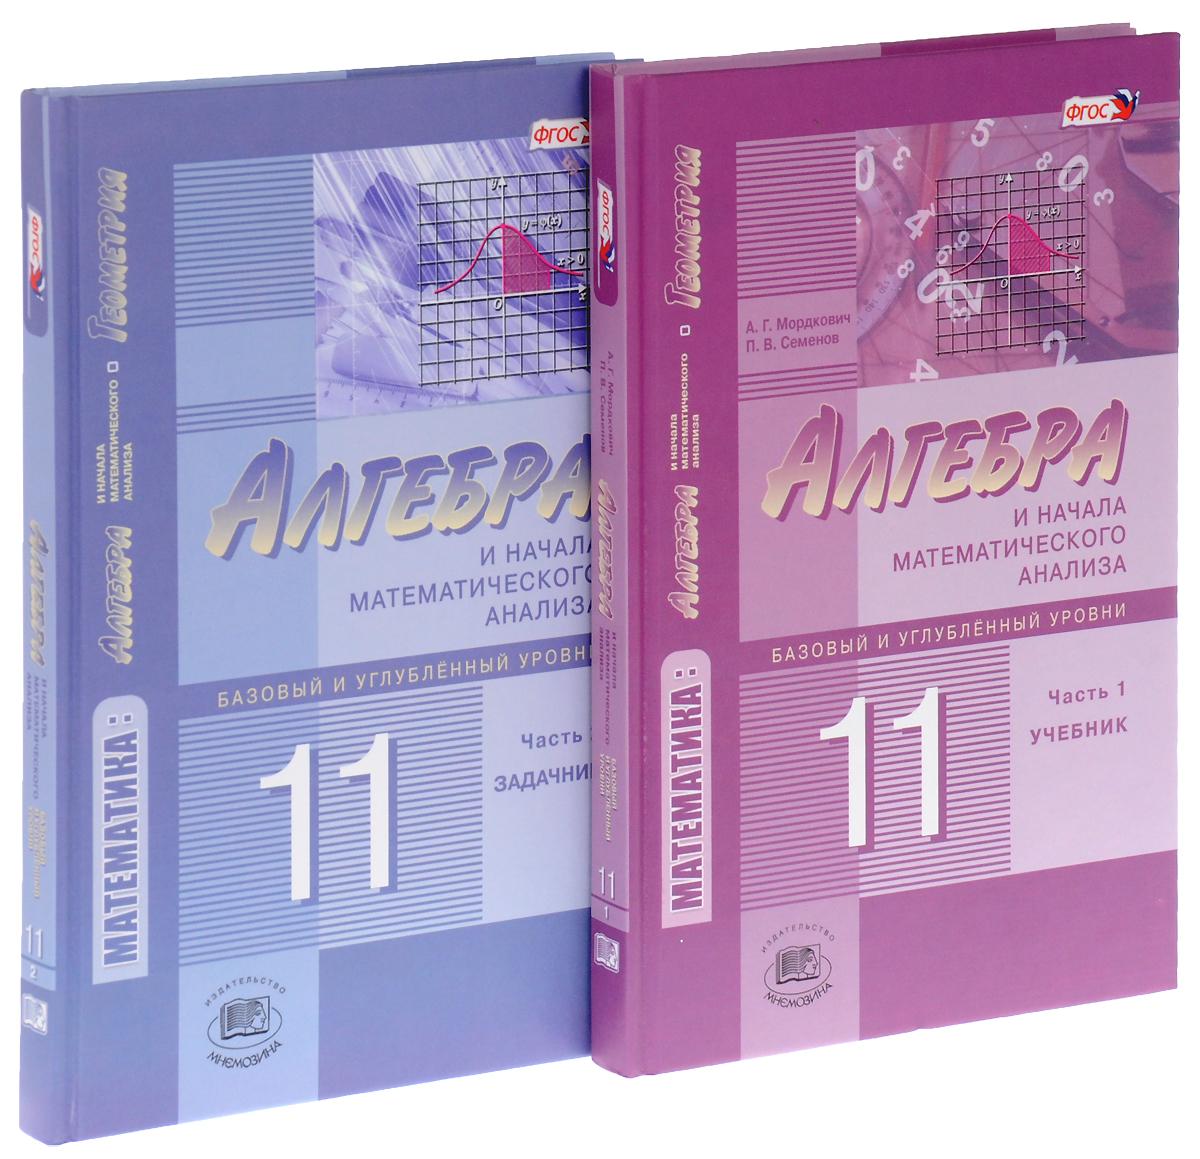 Математика. Алгебра и начало математического анализа. 11 класс. Базовый и углубленный уровни. В 2 частях. Учебник. Задачник (комплект)